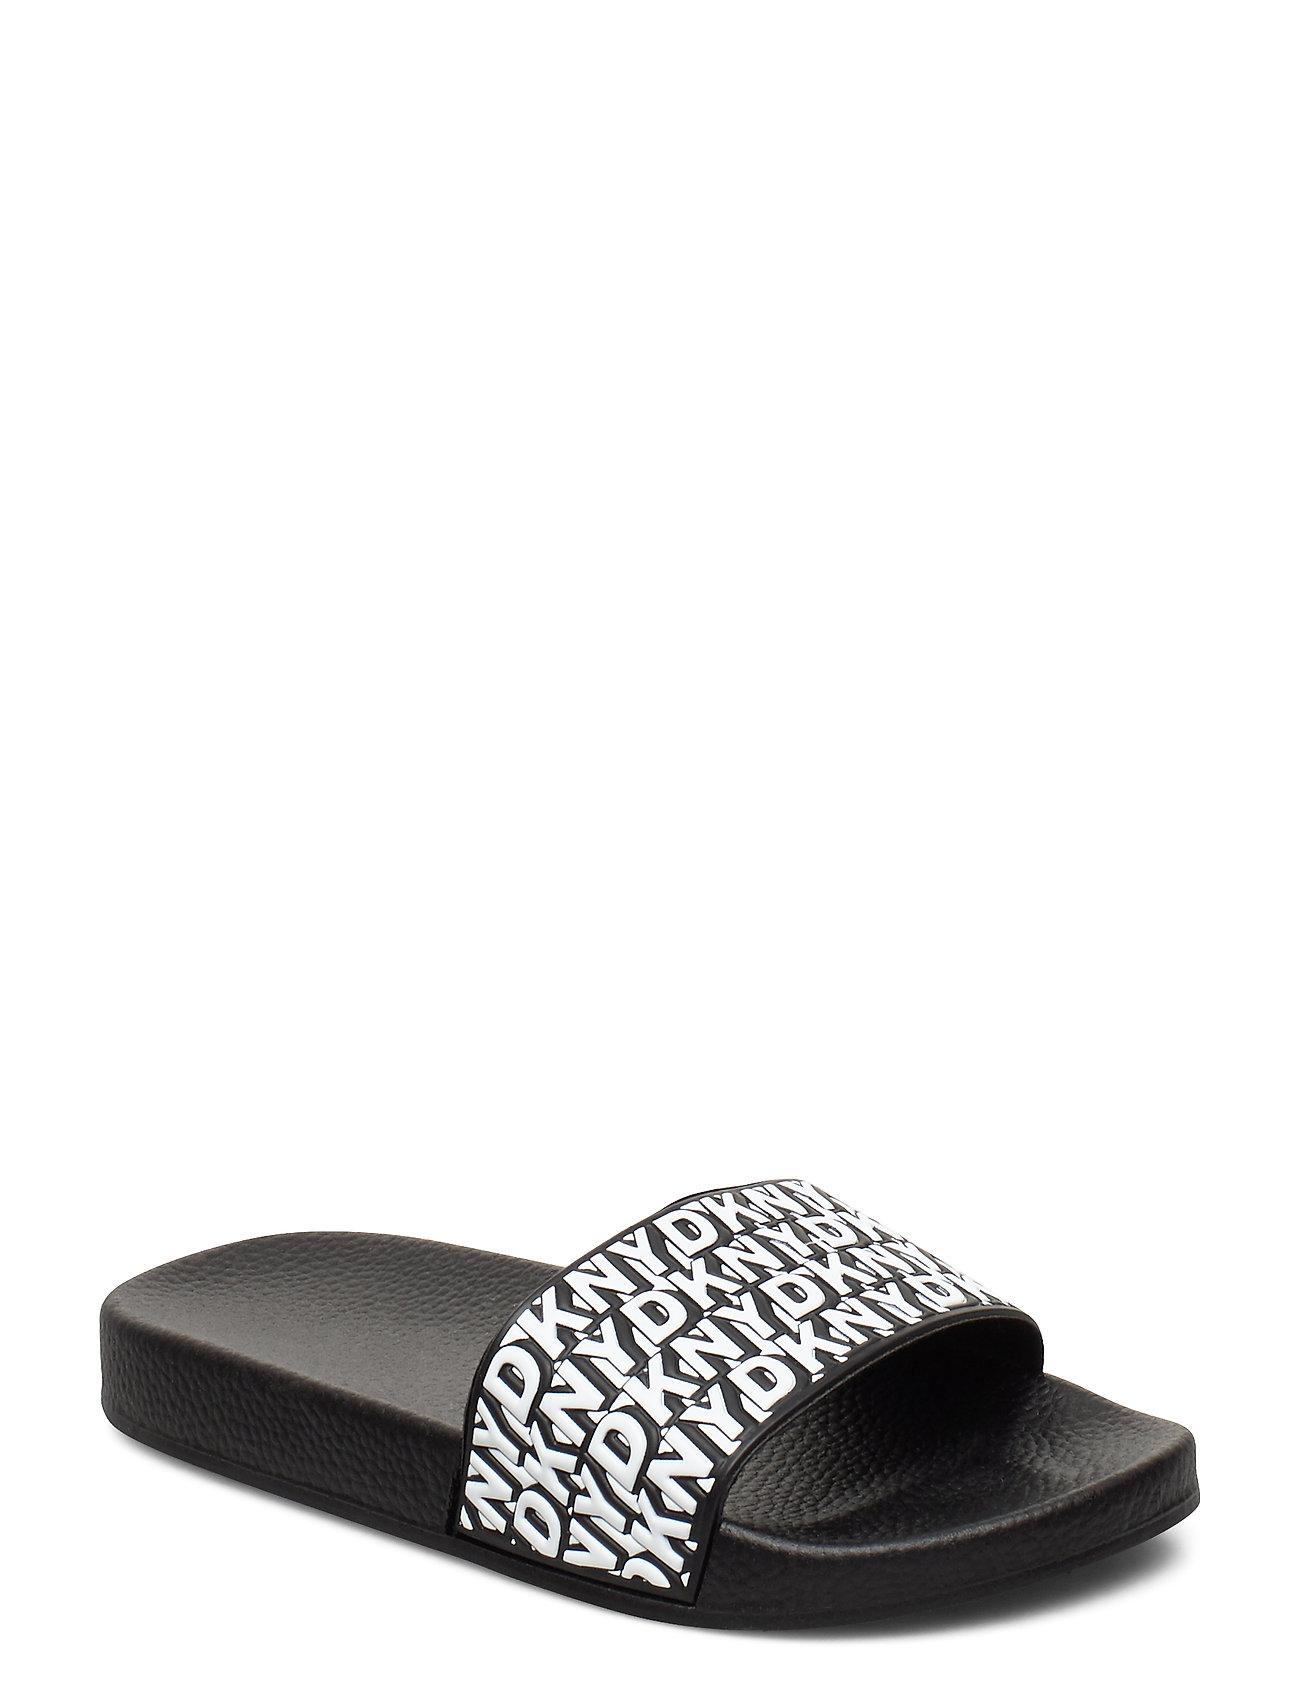 DKNY kids Aqua Slides (Black White